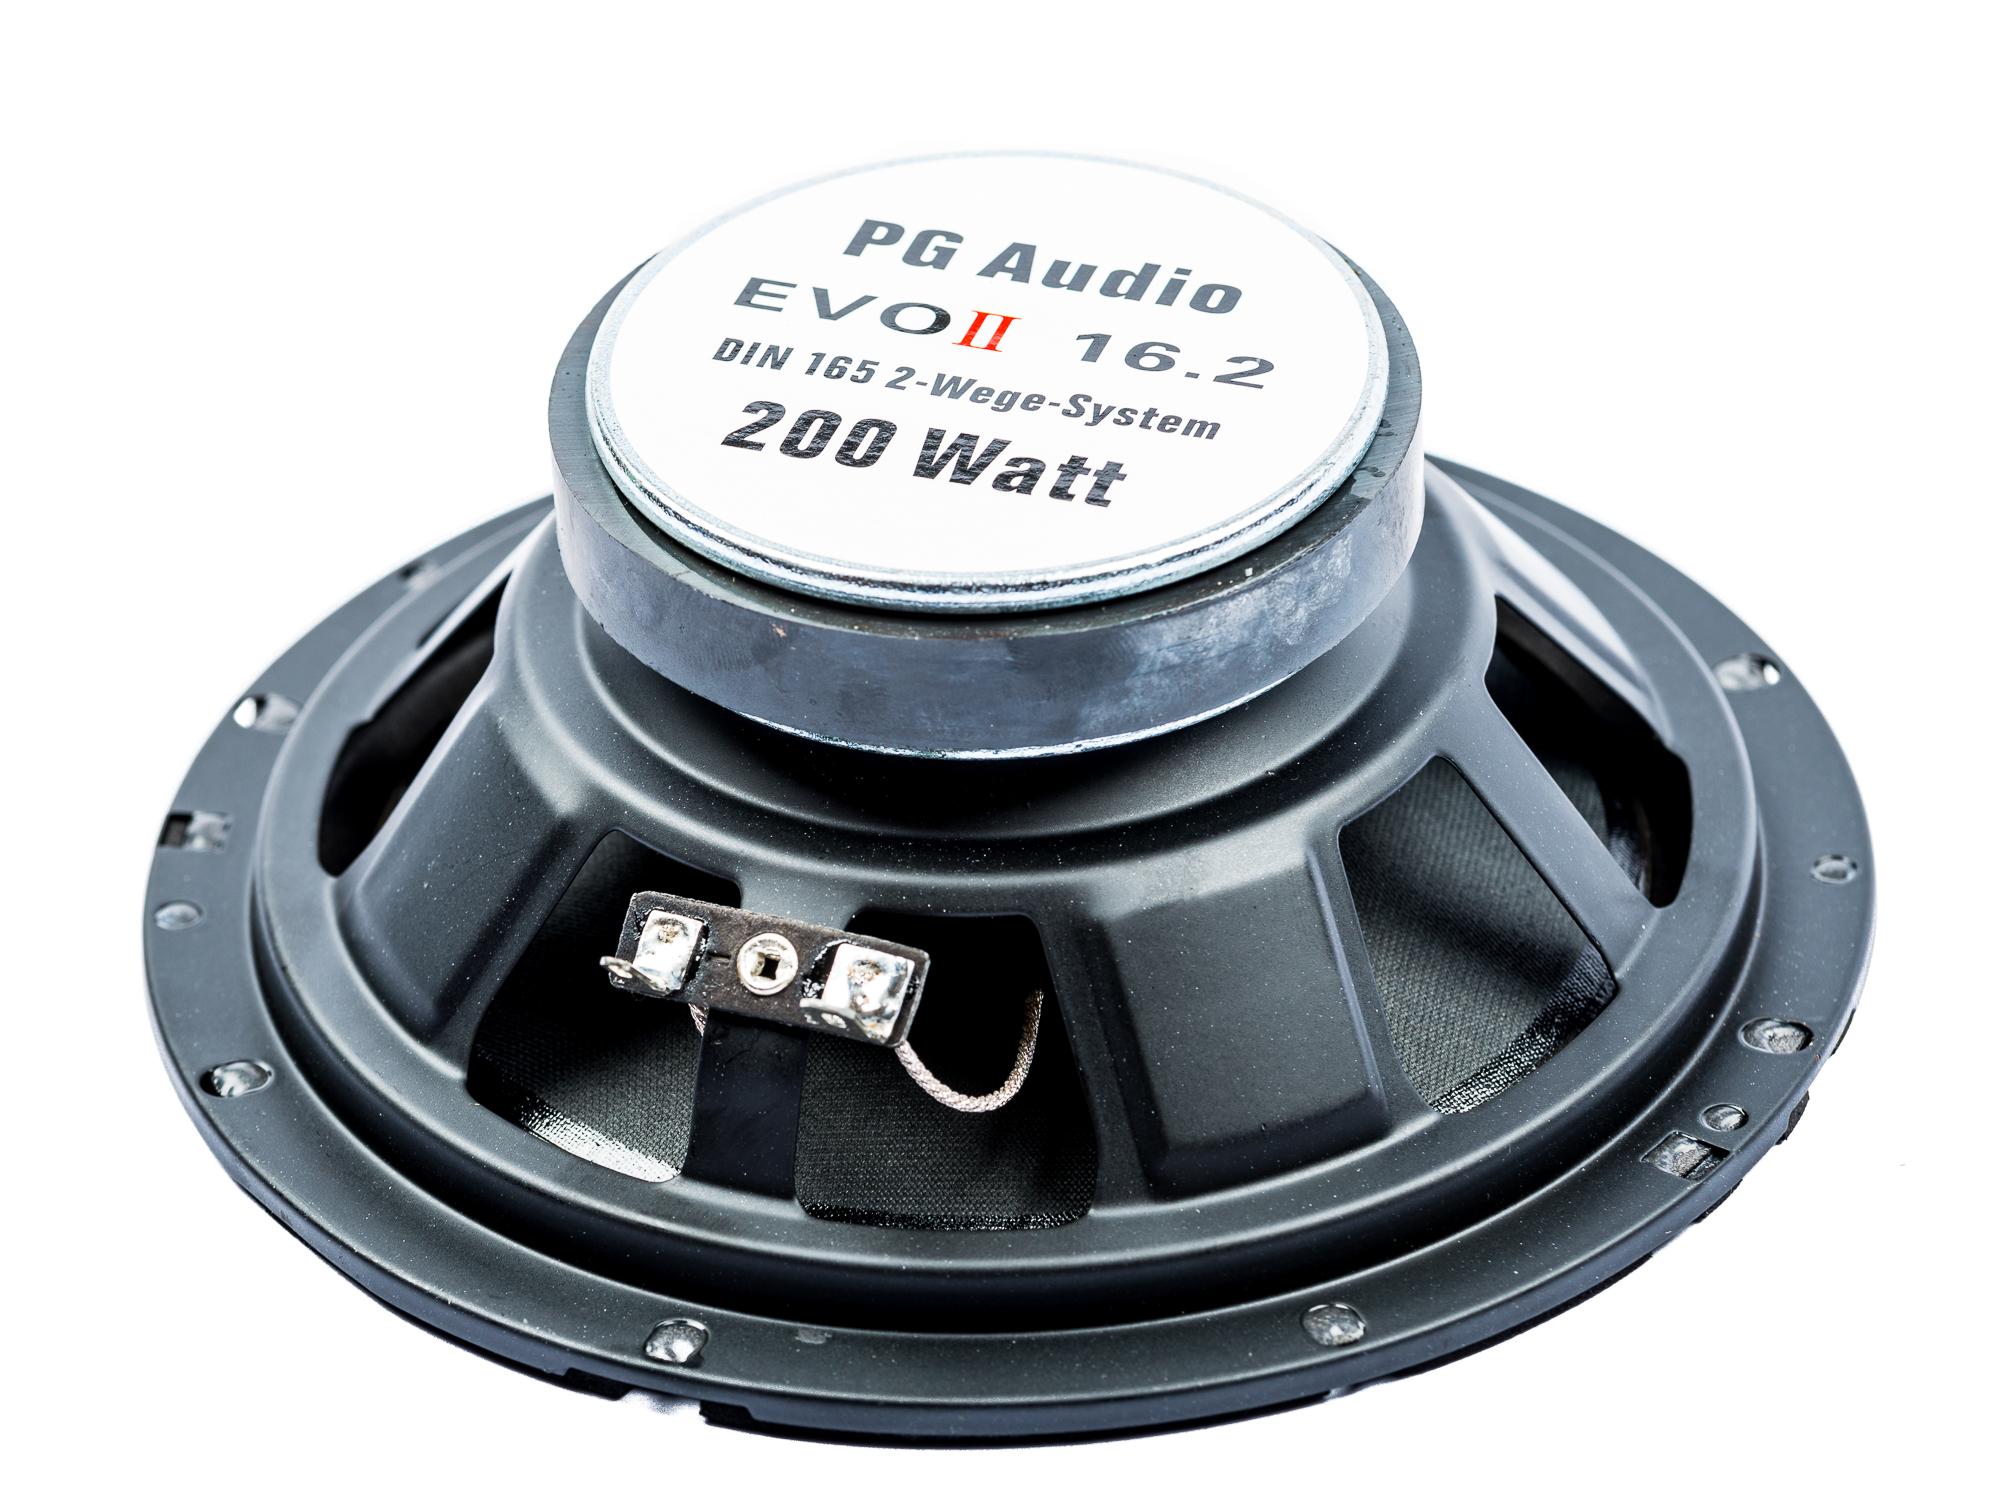 Ford Transit Tourneo Lautsprecher Einbauset Tür vorne PG Audio – Bild 3